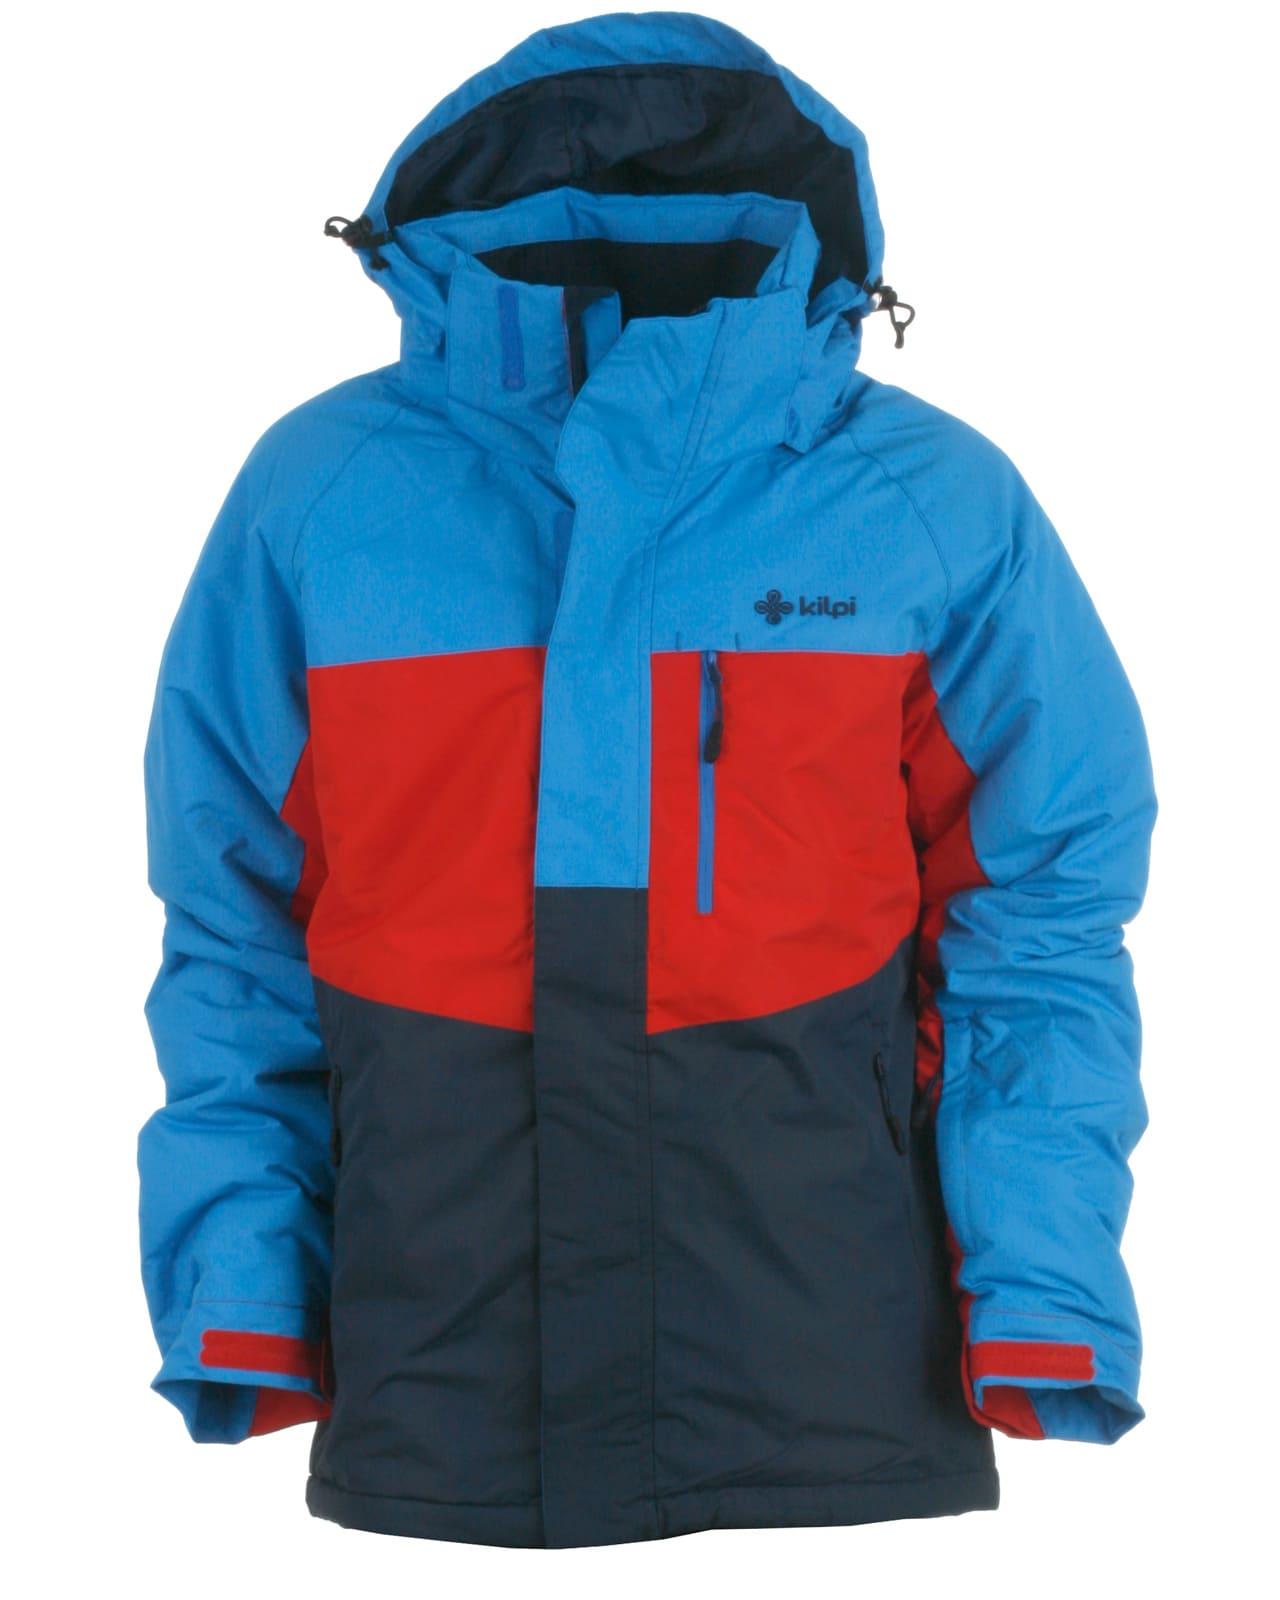 Kilpi skijakke, Ober, dbl